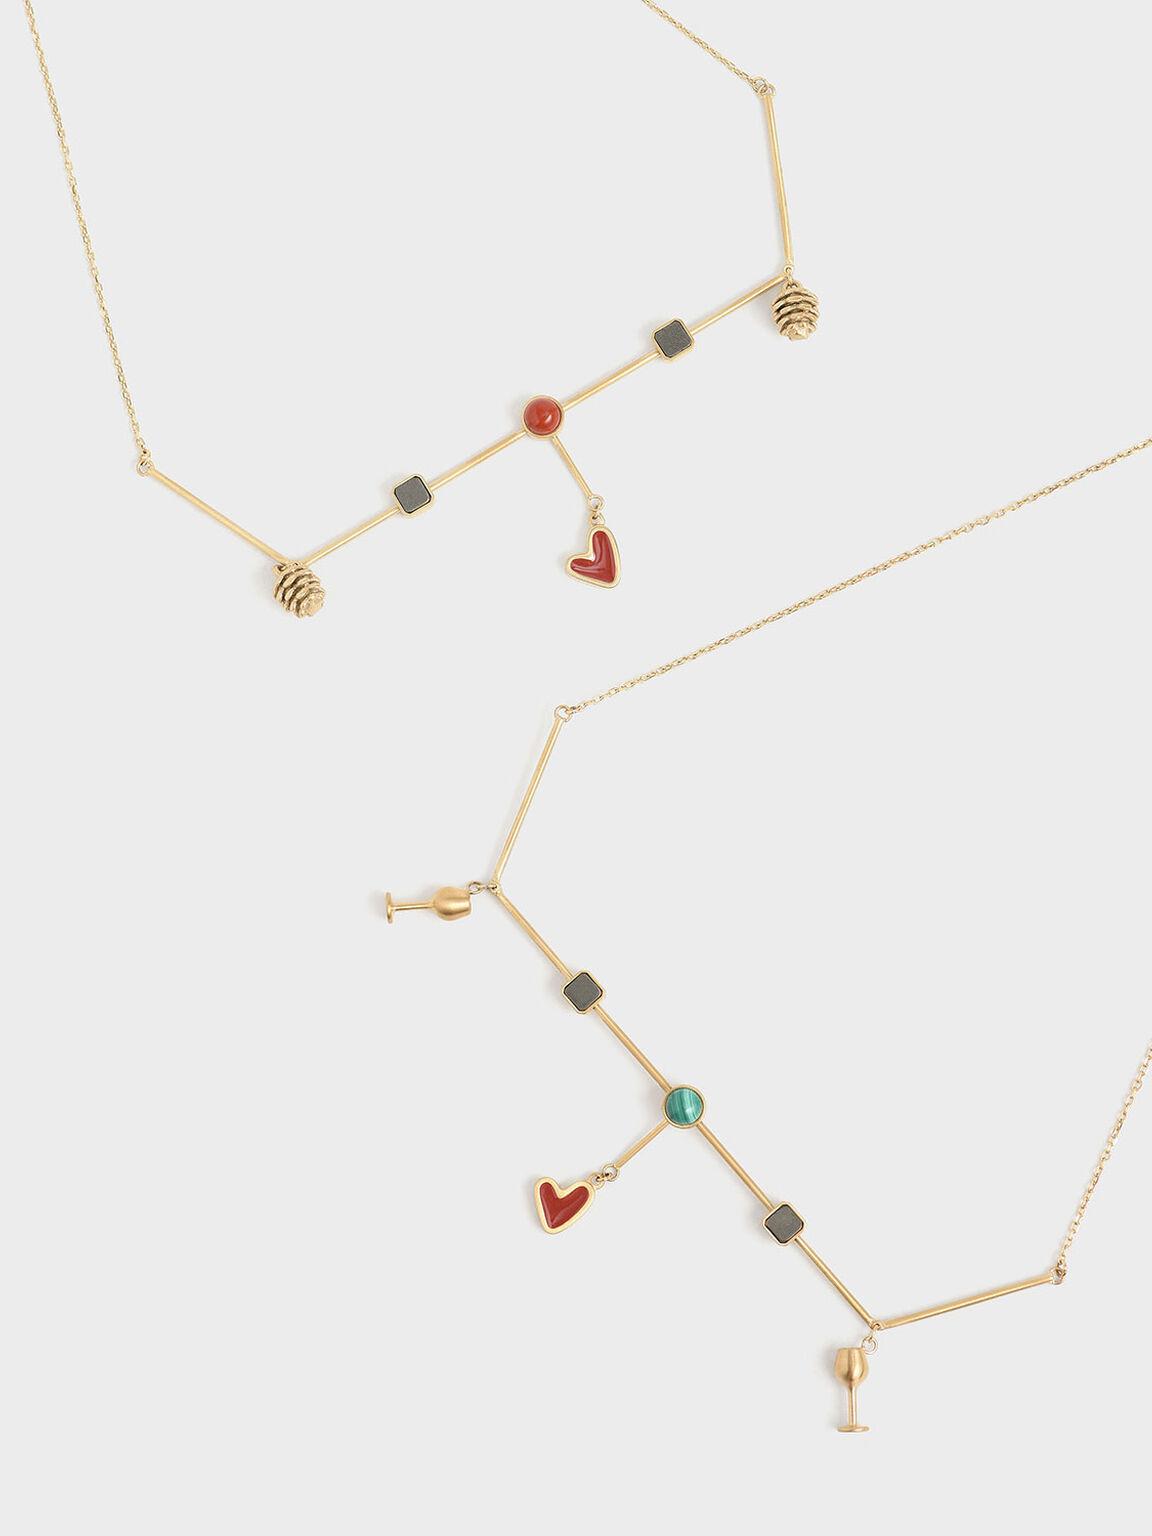 紅碧玉寶石項鍊, 金色, hi-res